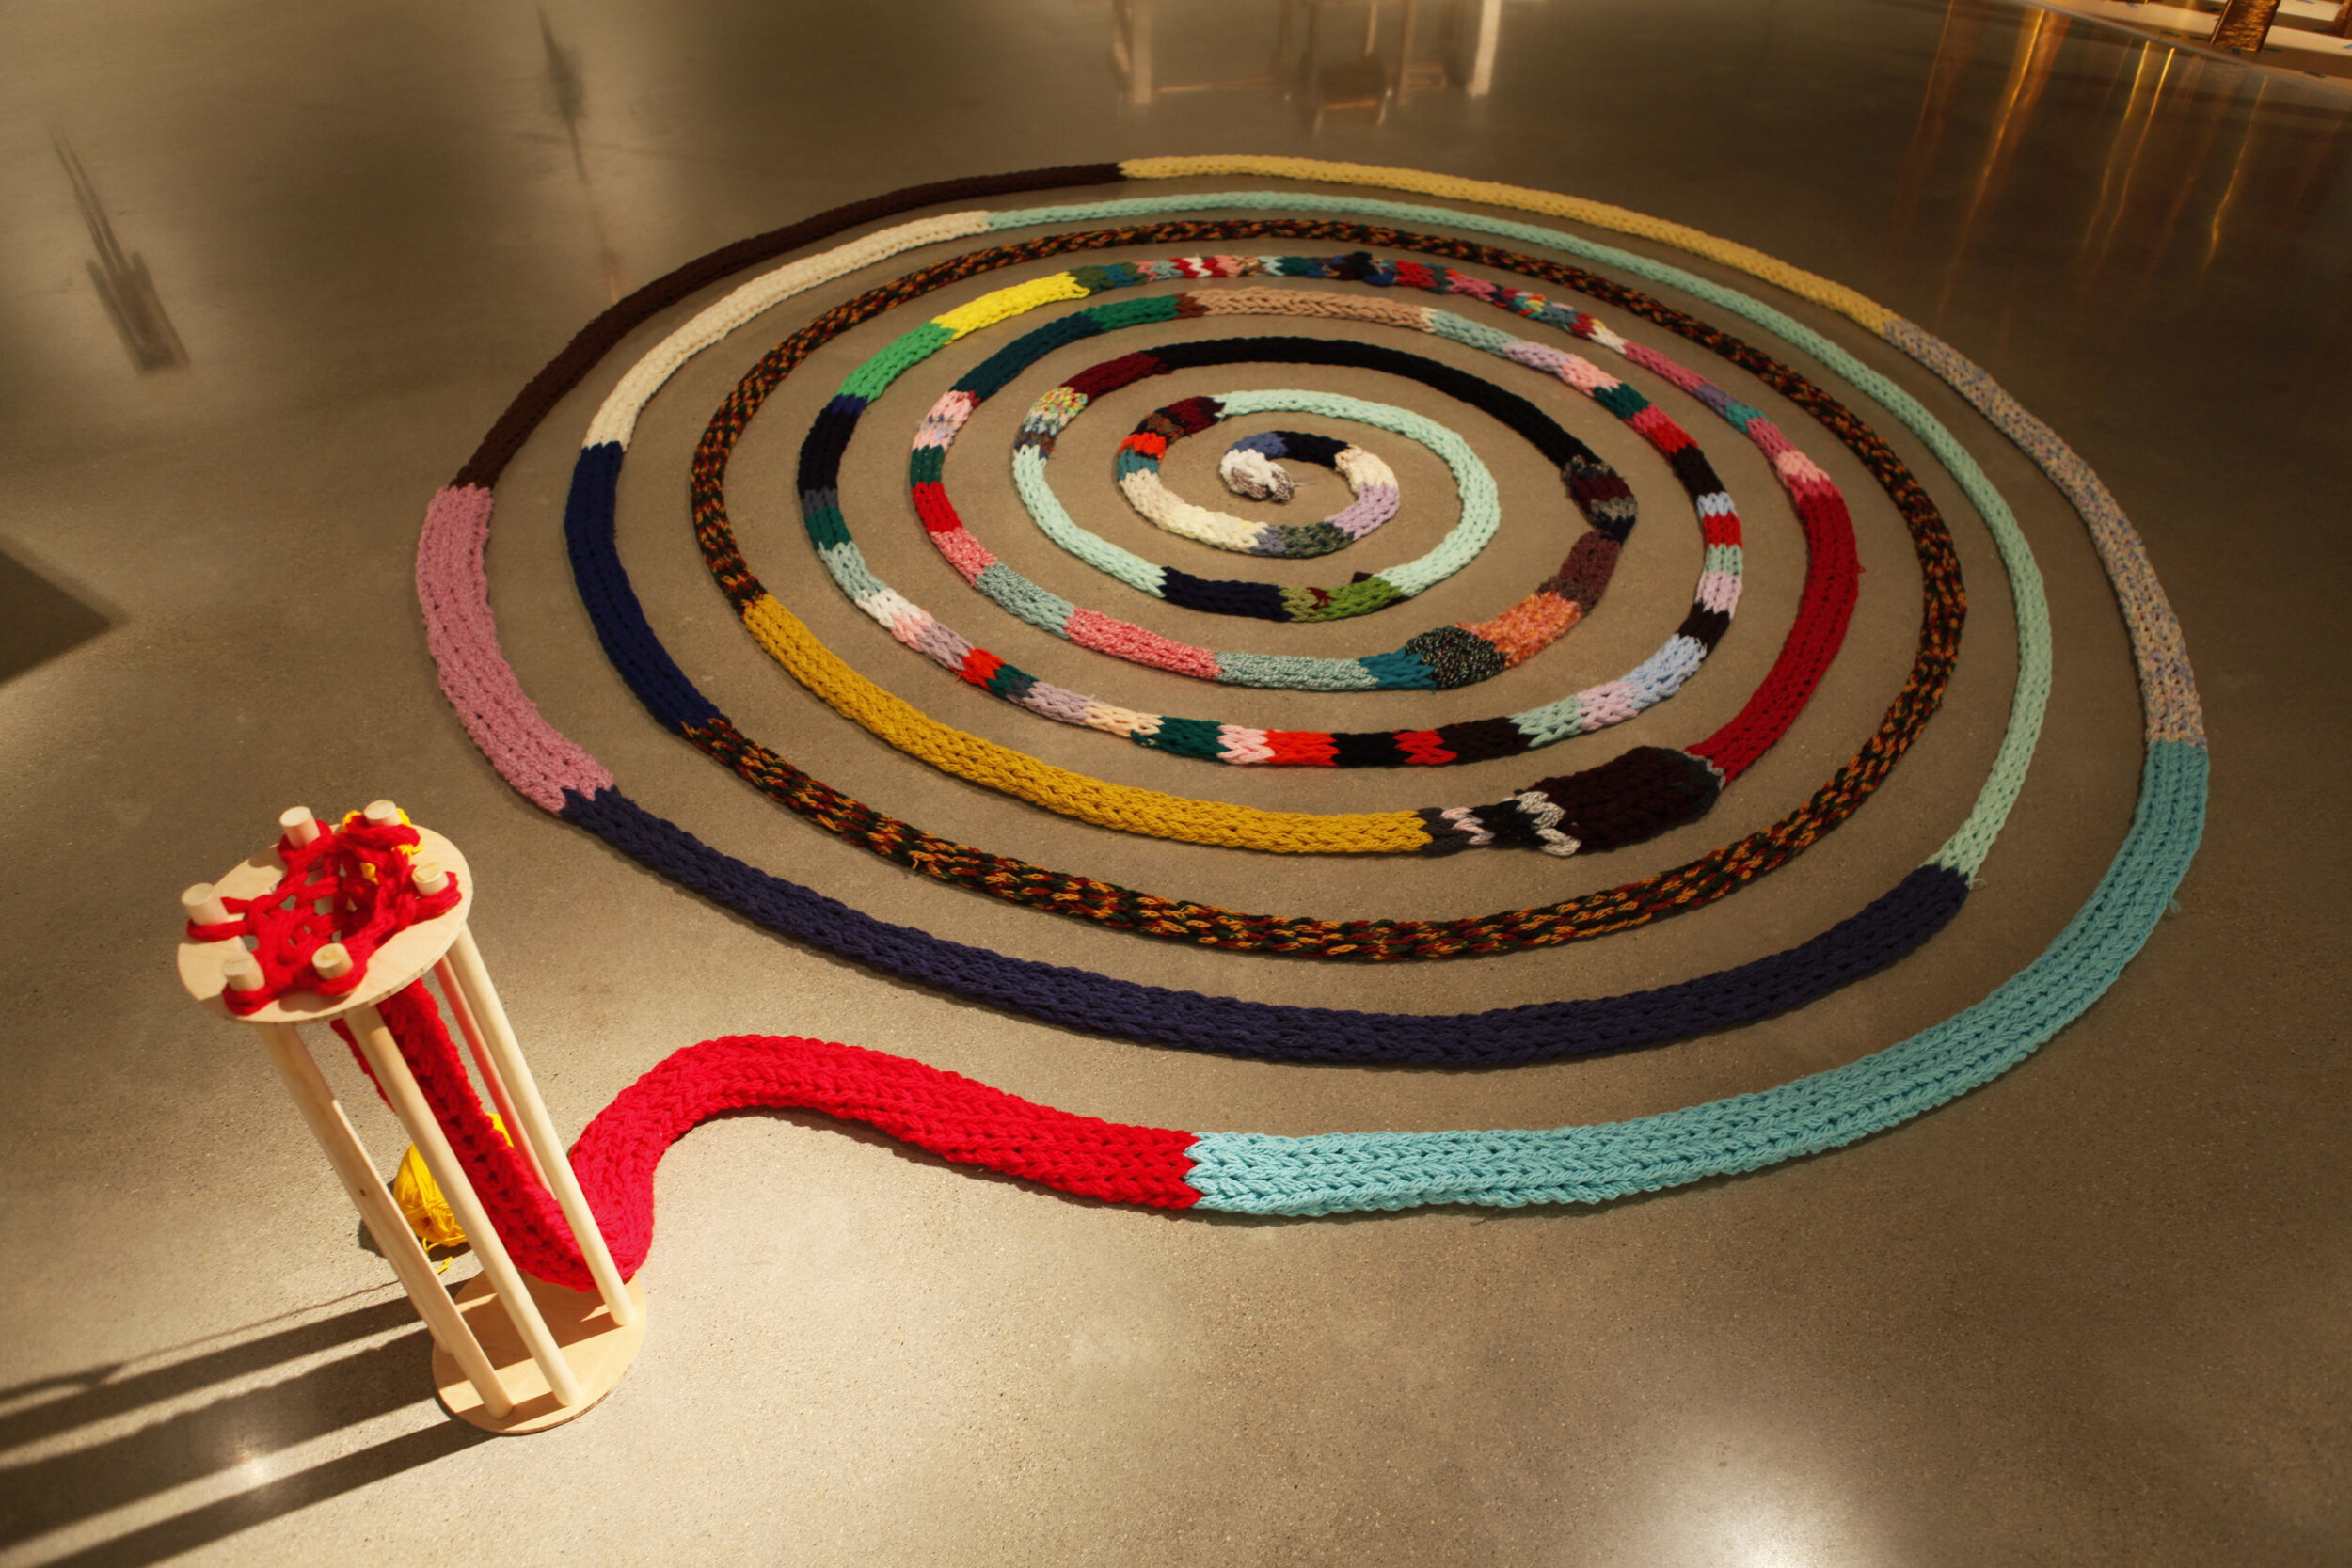 The Machine: Knitting Ouroboros